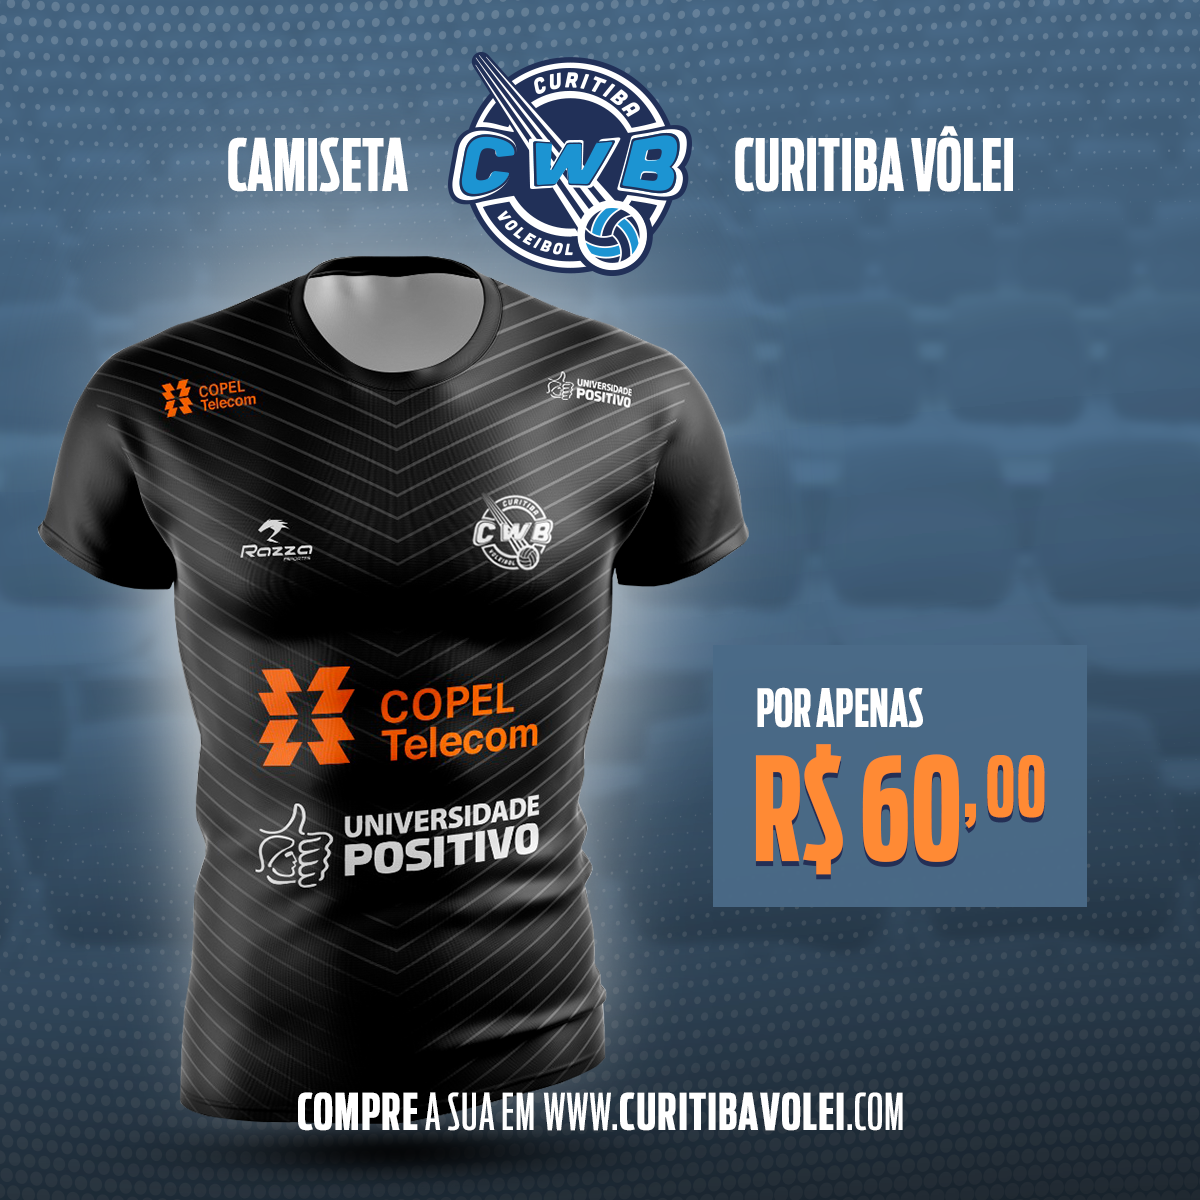 PROMOÇÃO - Camiseta Oficial Curitiba Vôlei + 1 Ingresso. cd4468f6af7